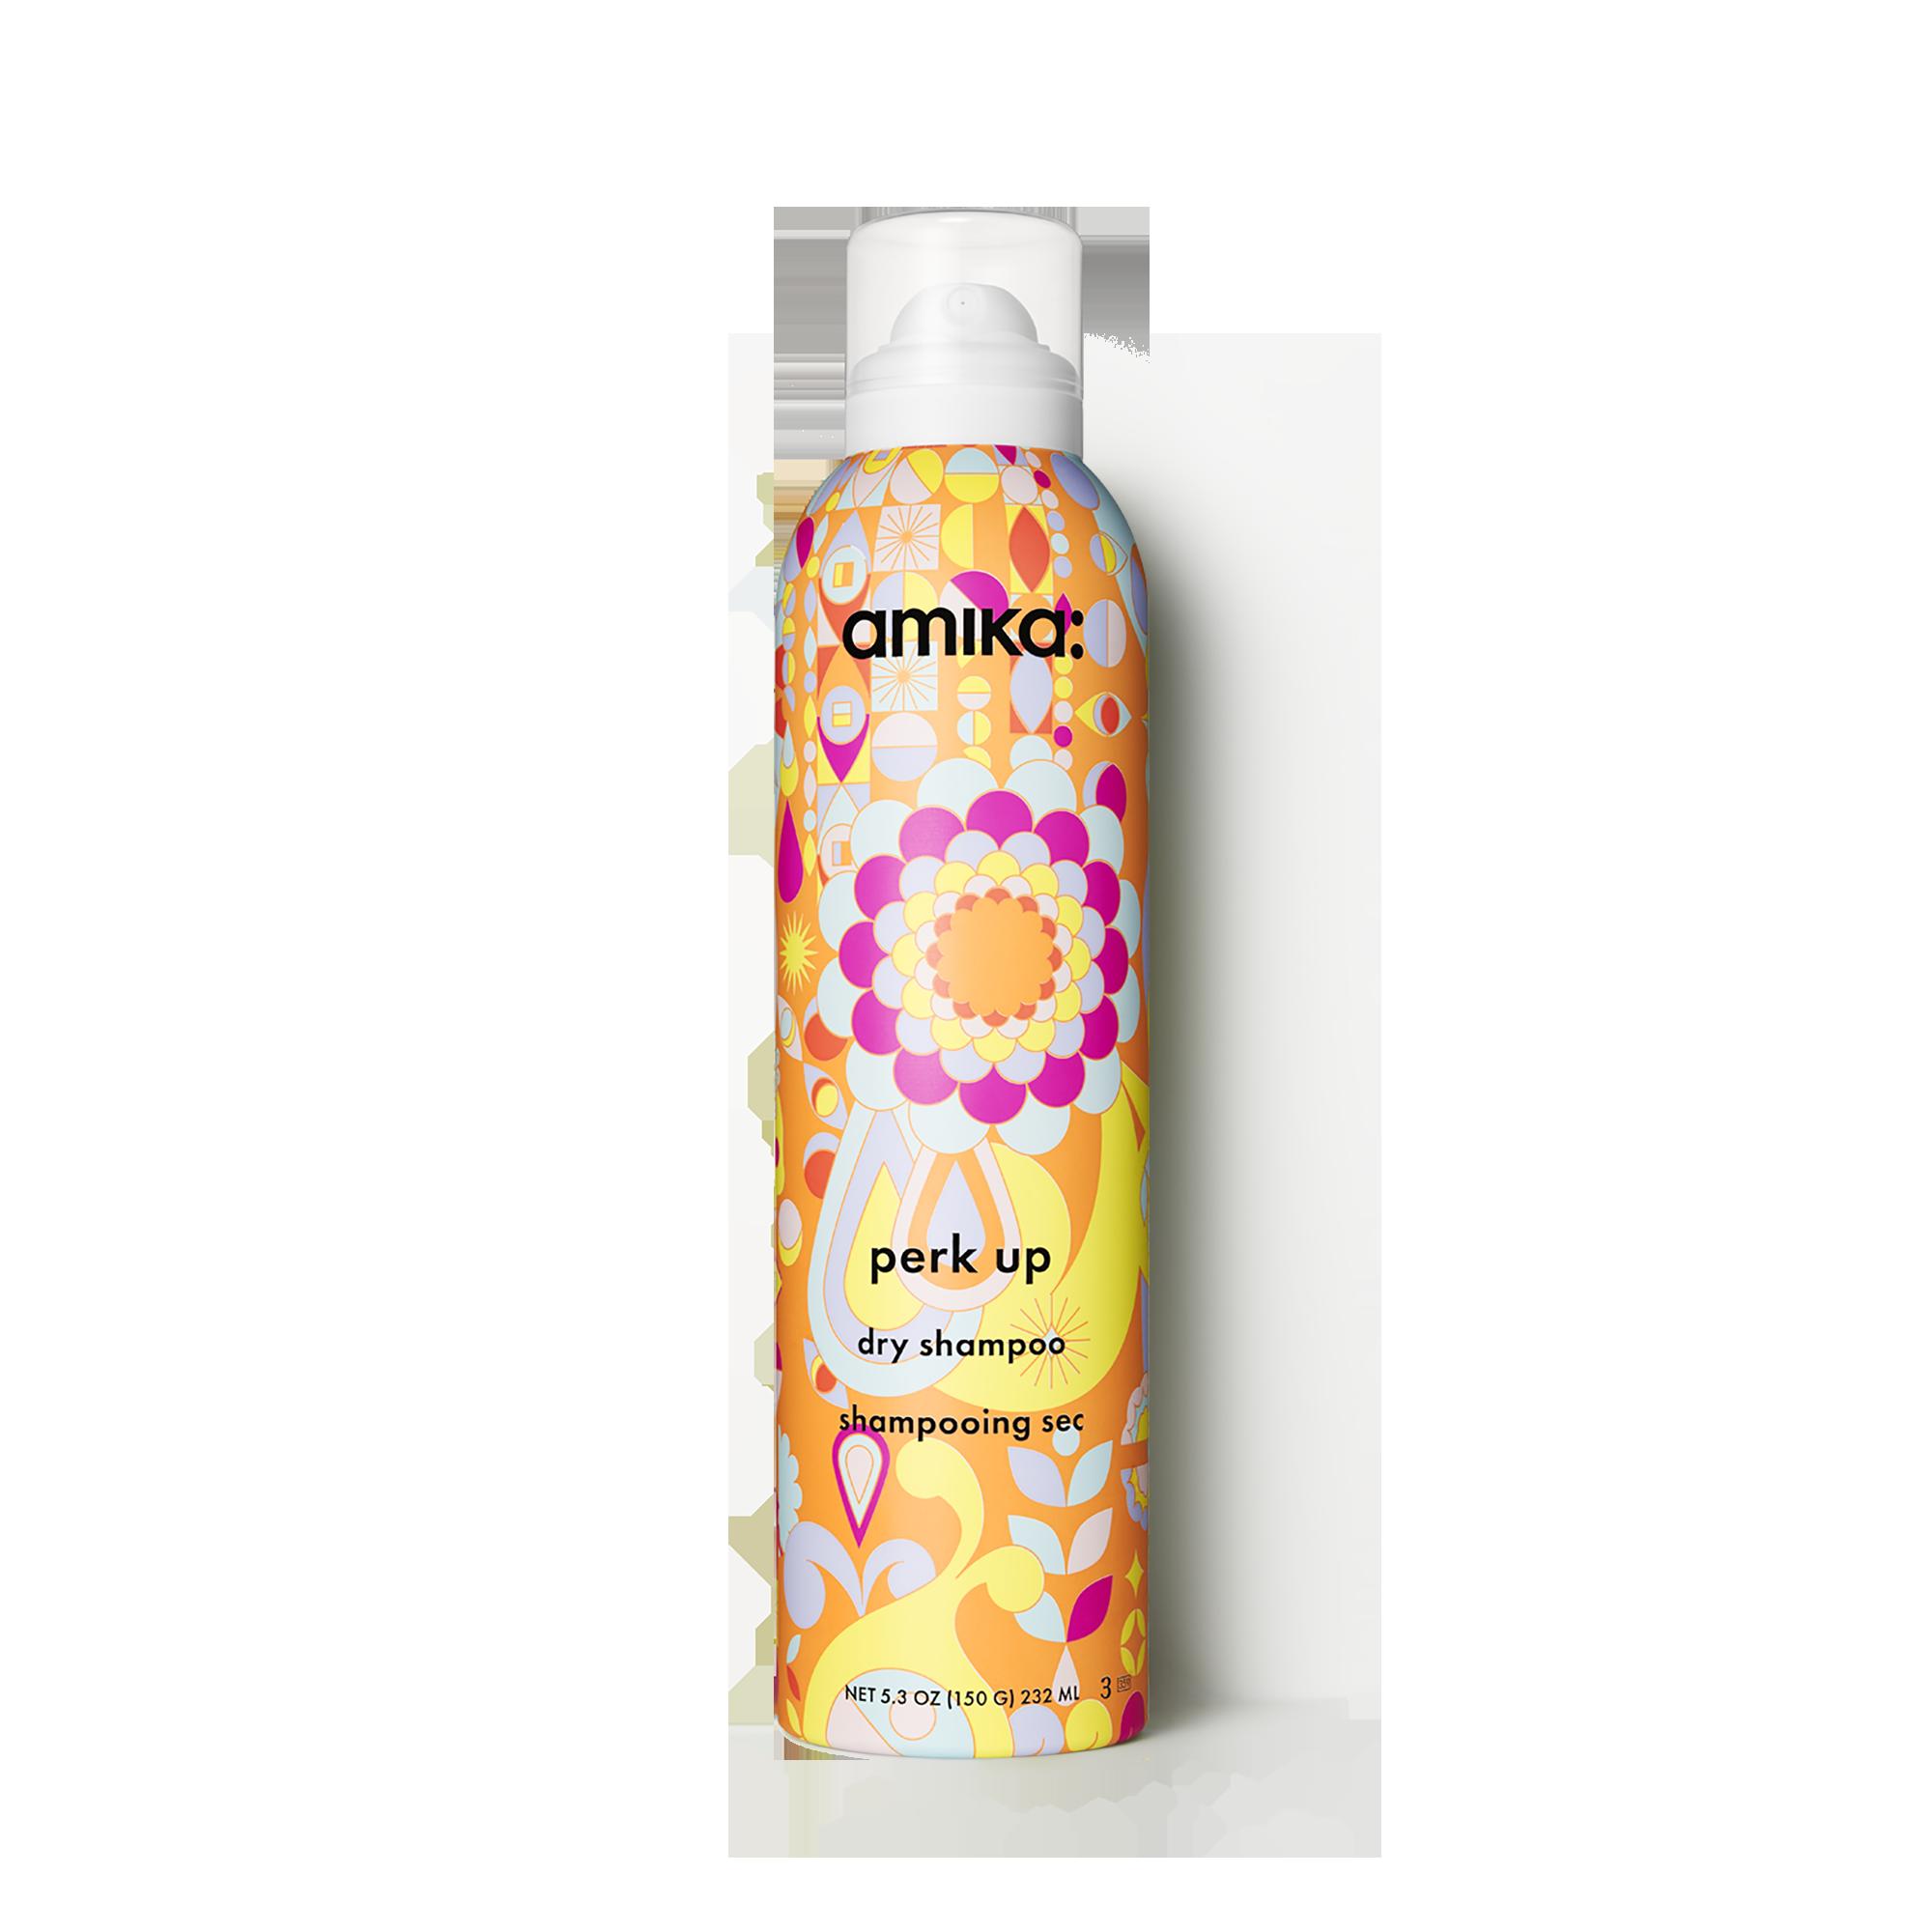 دراي شامبو Dry Shampoo Amika Perk Up